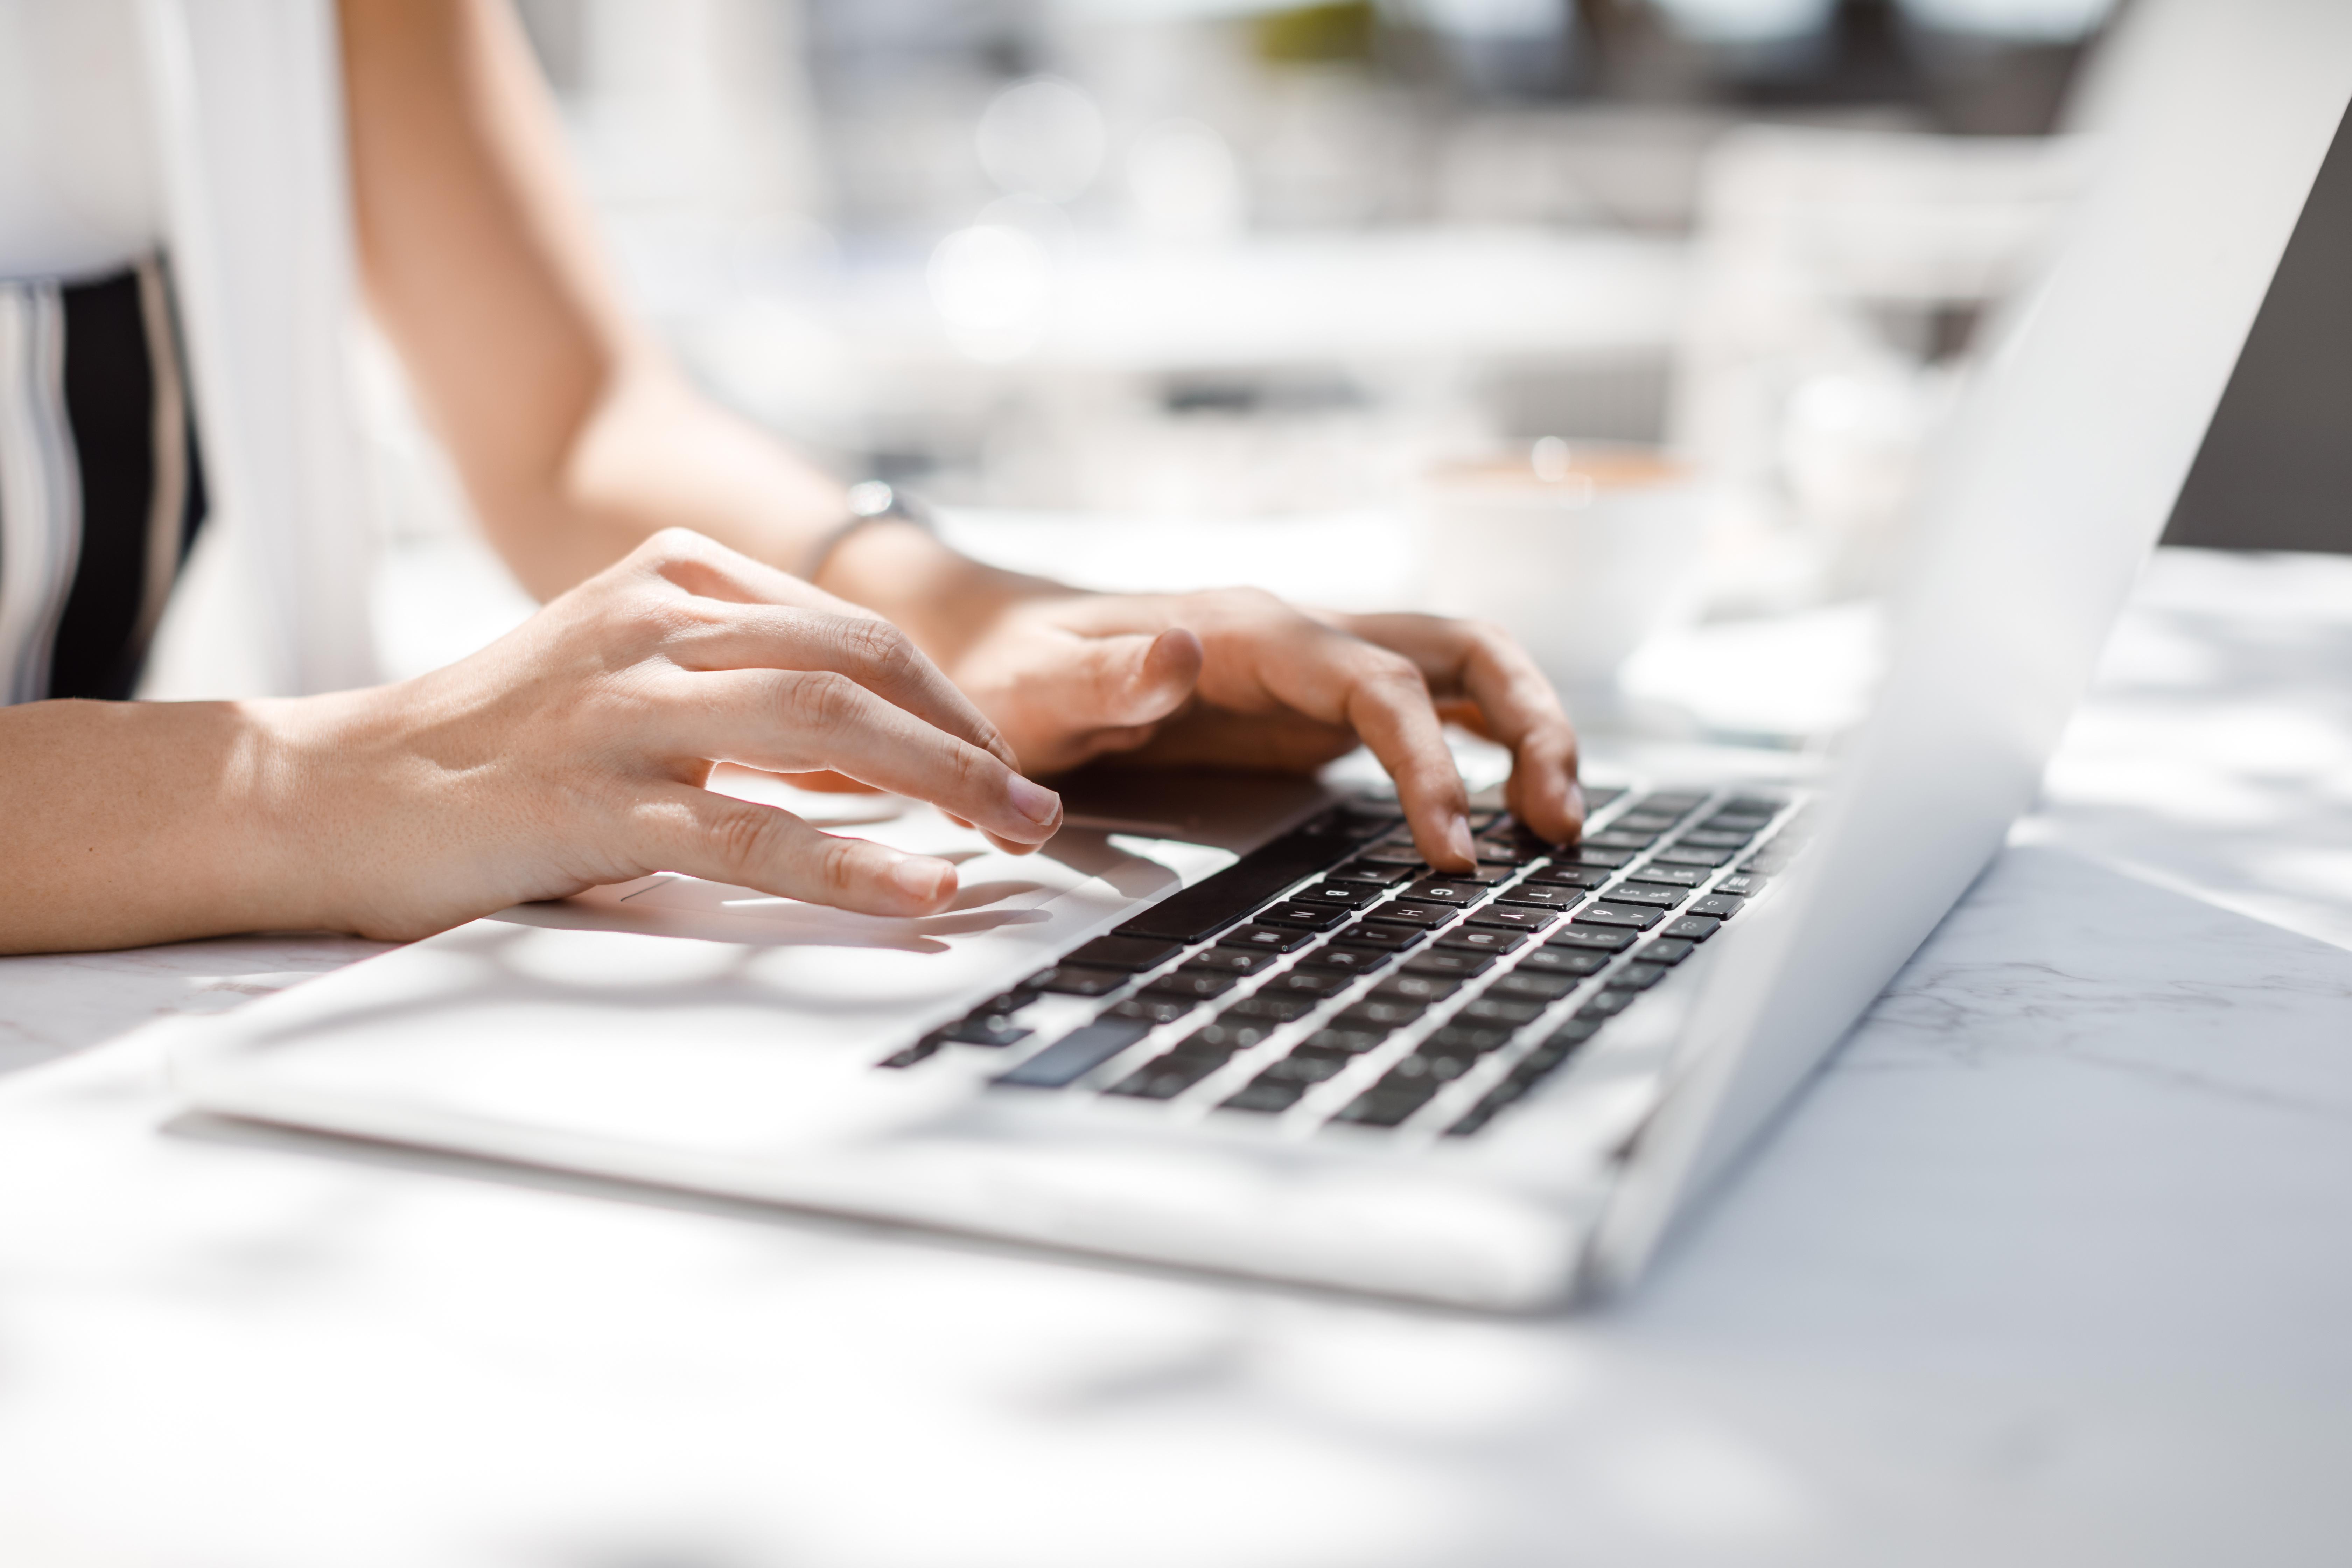 就活での質問メールの送り方は?5つのポイントと例文・お礼の書き方まで紹介